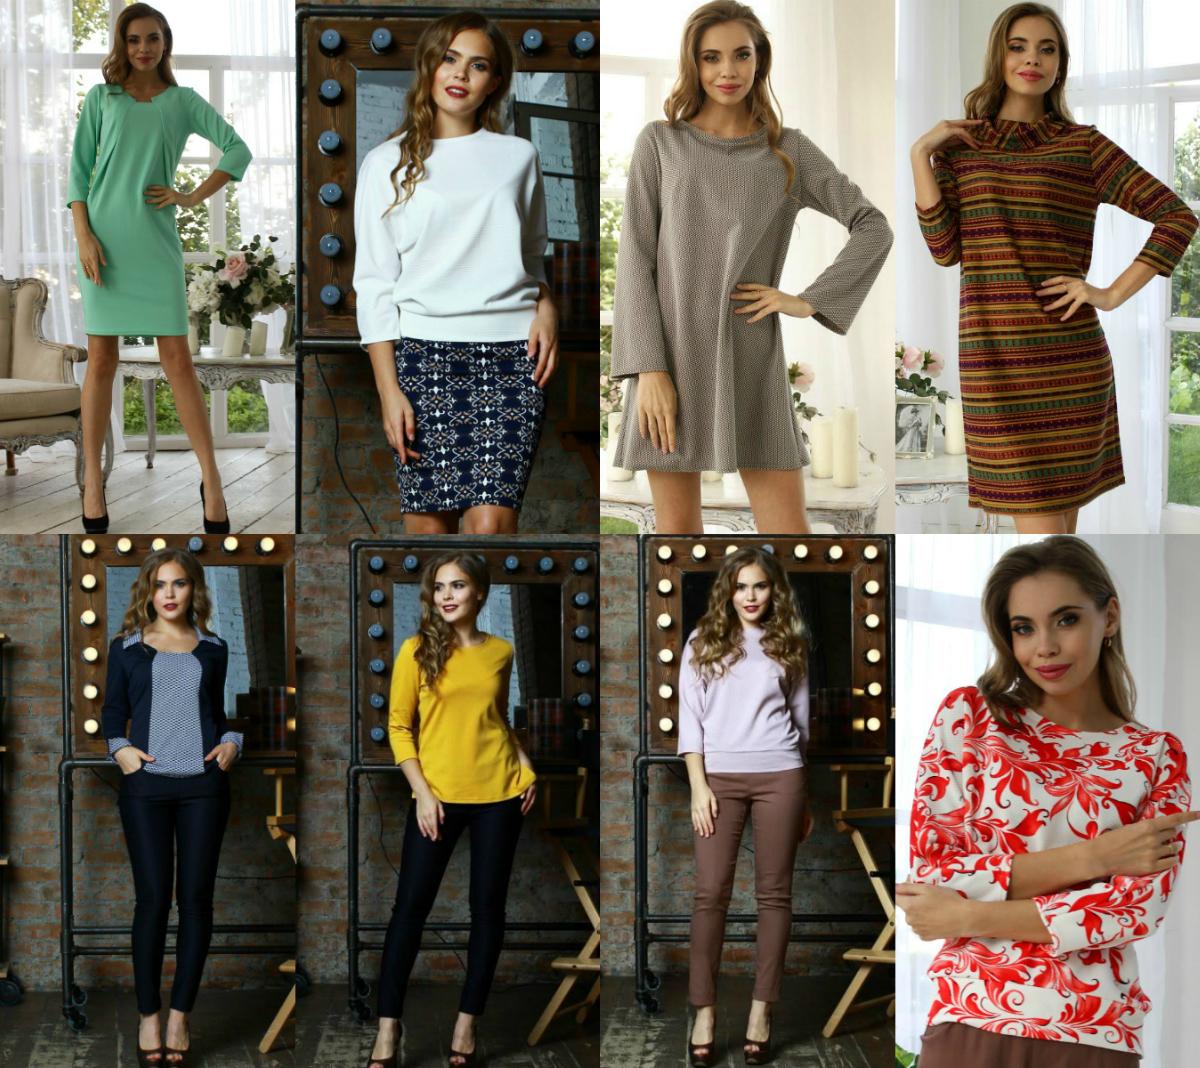 Женская одежда Freia-27. Элегантность и стиль. 42-58. Есть распродажа! Блузы от 290, платья от 390 рублей!